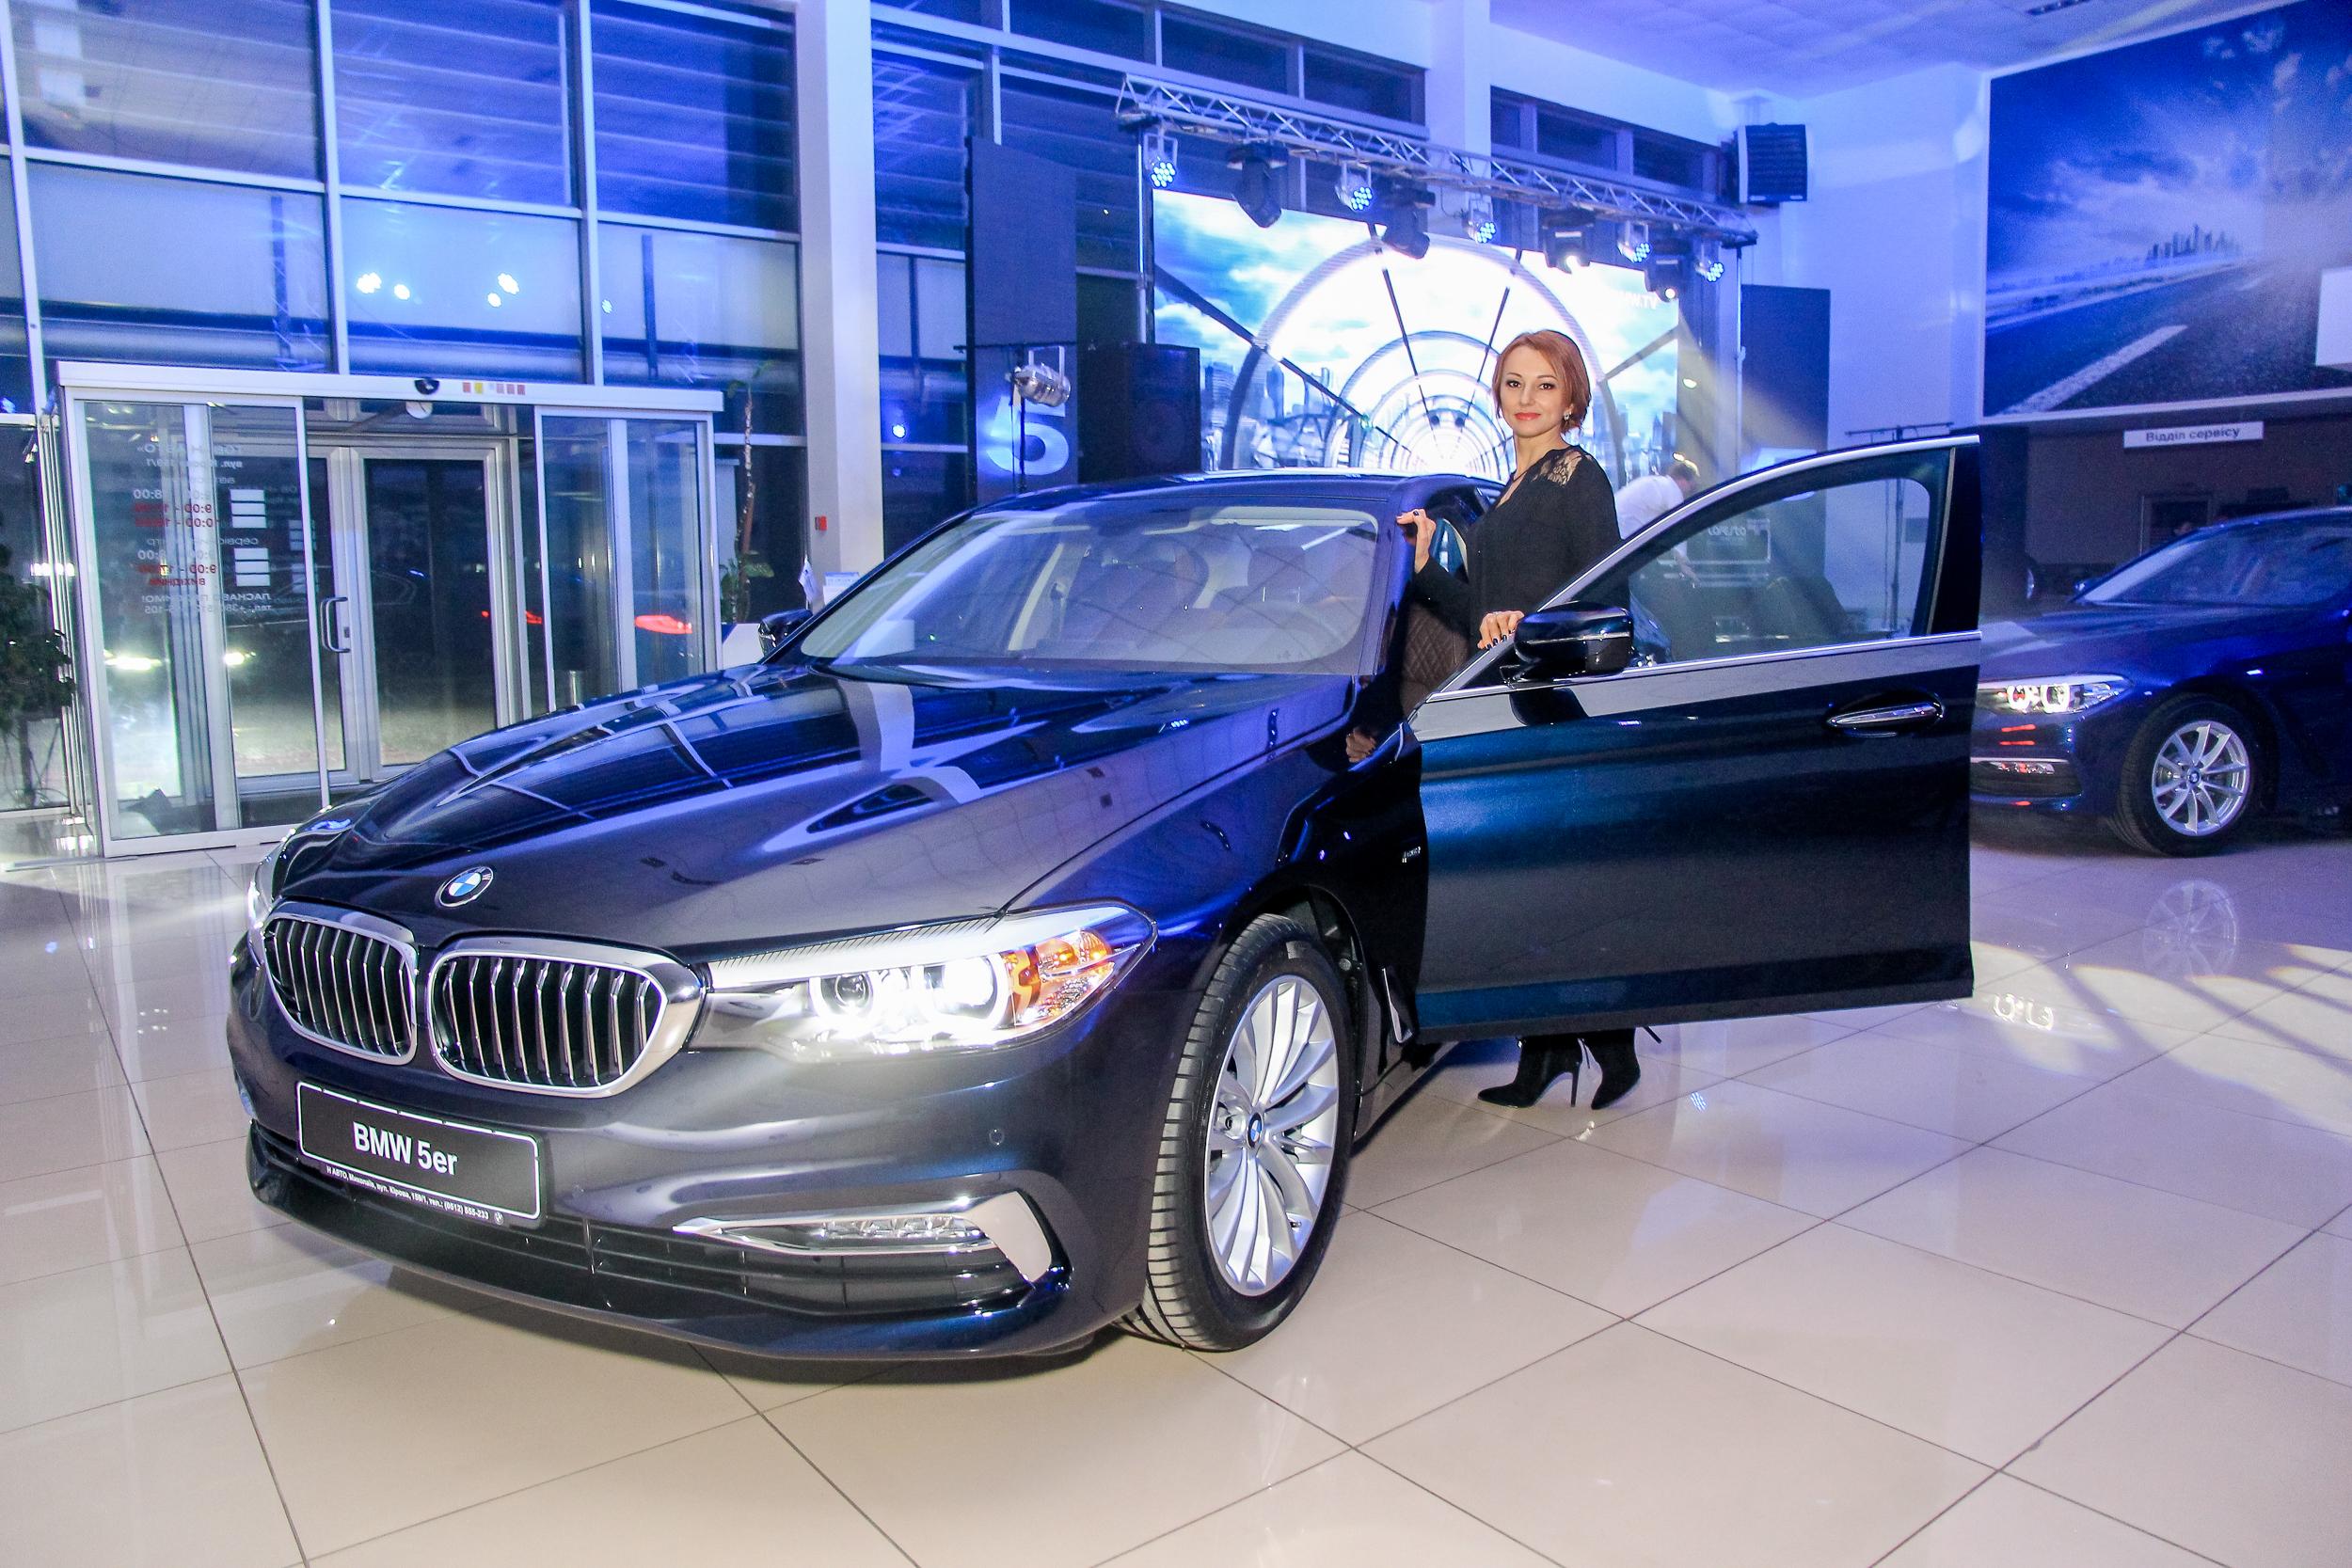 Гостья презентации BMW 5-Серии возле нового автомобиля